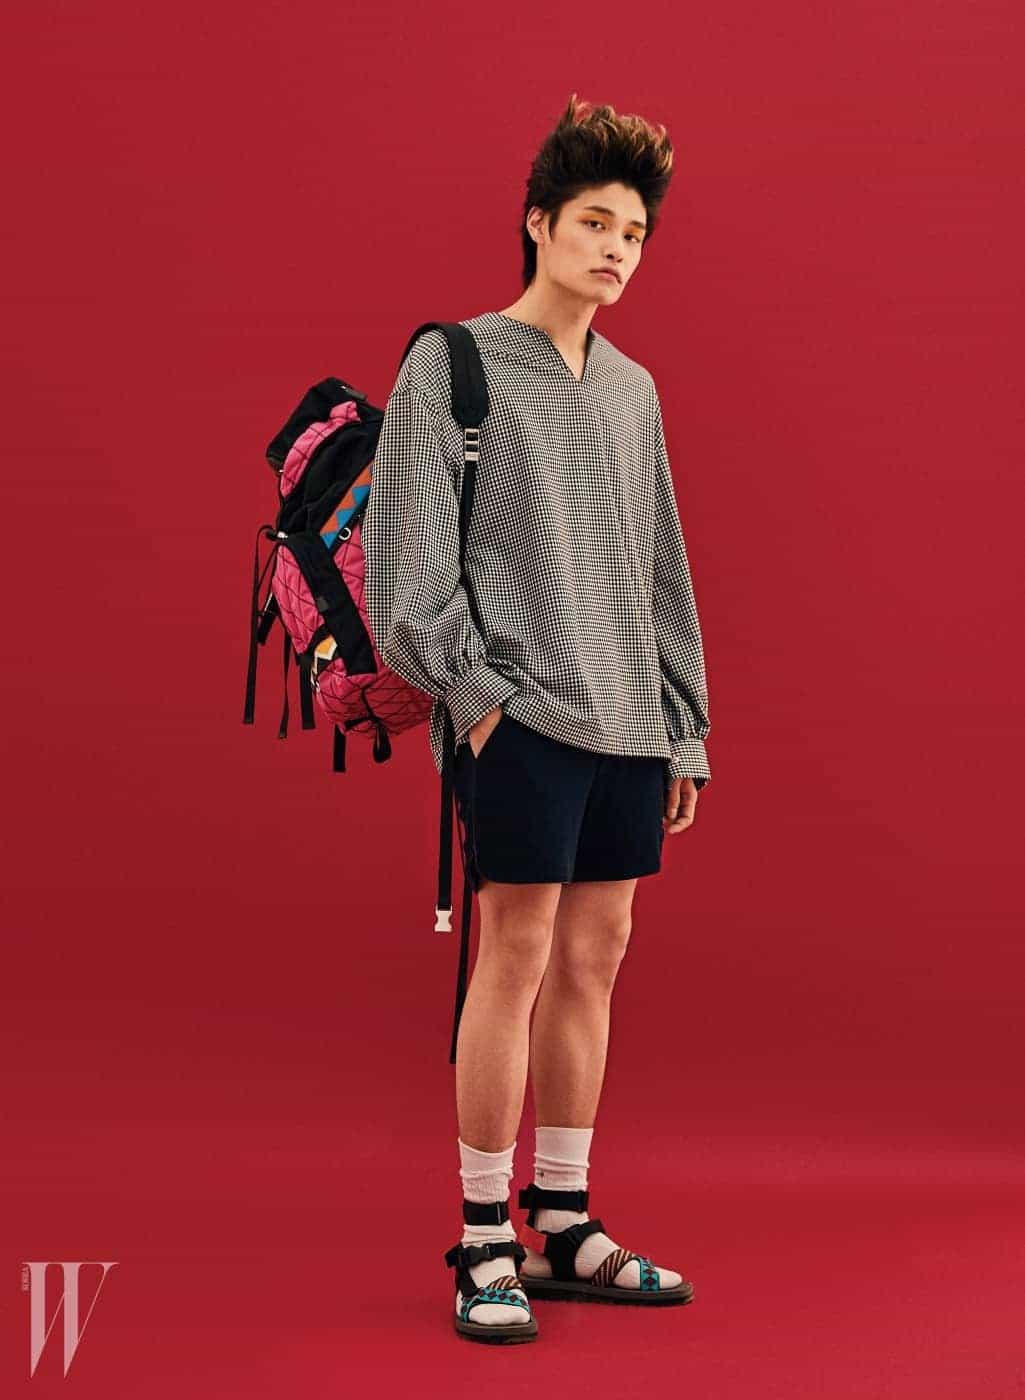 격자무늬 셔츠 블라우스는 오디너리 피플 제품. 가격 미정. 쇼츠는 펜디 제품. 가격 미정. 양말은 톰 브라운 제품. 가격 미정. 프린트 스트랩 장식 스포츠 샌들은 60만원대. 비비드한 색감의 산악 모티프 백팩은 2백20만원대. 모두 프라다 제품.